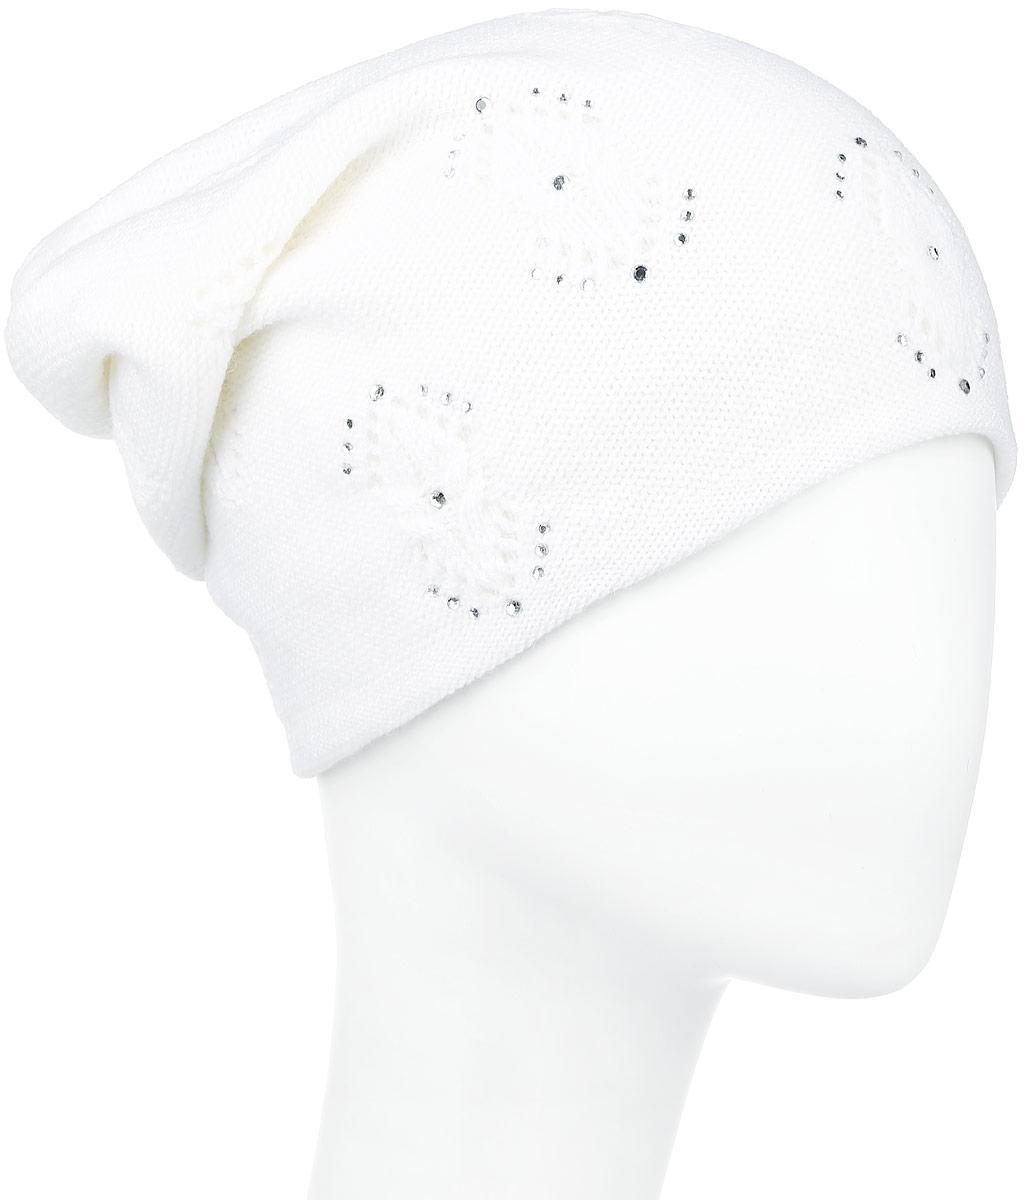 Шапка женская Finn Flare, цвет: белый. W16-11124_201. Размер 56W16-11124_201Стильная женская шапка Finn Flare дополнит ваш наряд и не позволит вам замерзнуть в холодное время года. Шапка выполнена из высококачественной пряжи, что позволяет ей великолепно сохранять тепло и обеспечивает высокую эластичность и удобство посадки.Спереди удлиненная модель оформлена металлической пластиной с названием бренда и стразами. Такая шапка станет модным и стильным дополнением вашего гардероба. Она согреет вас и позволит подчеркнуть свою индивидуальность!